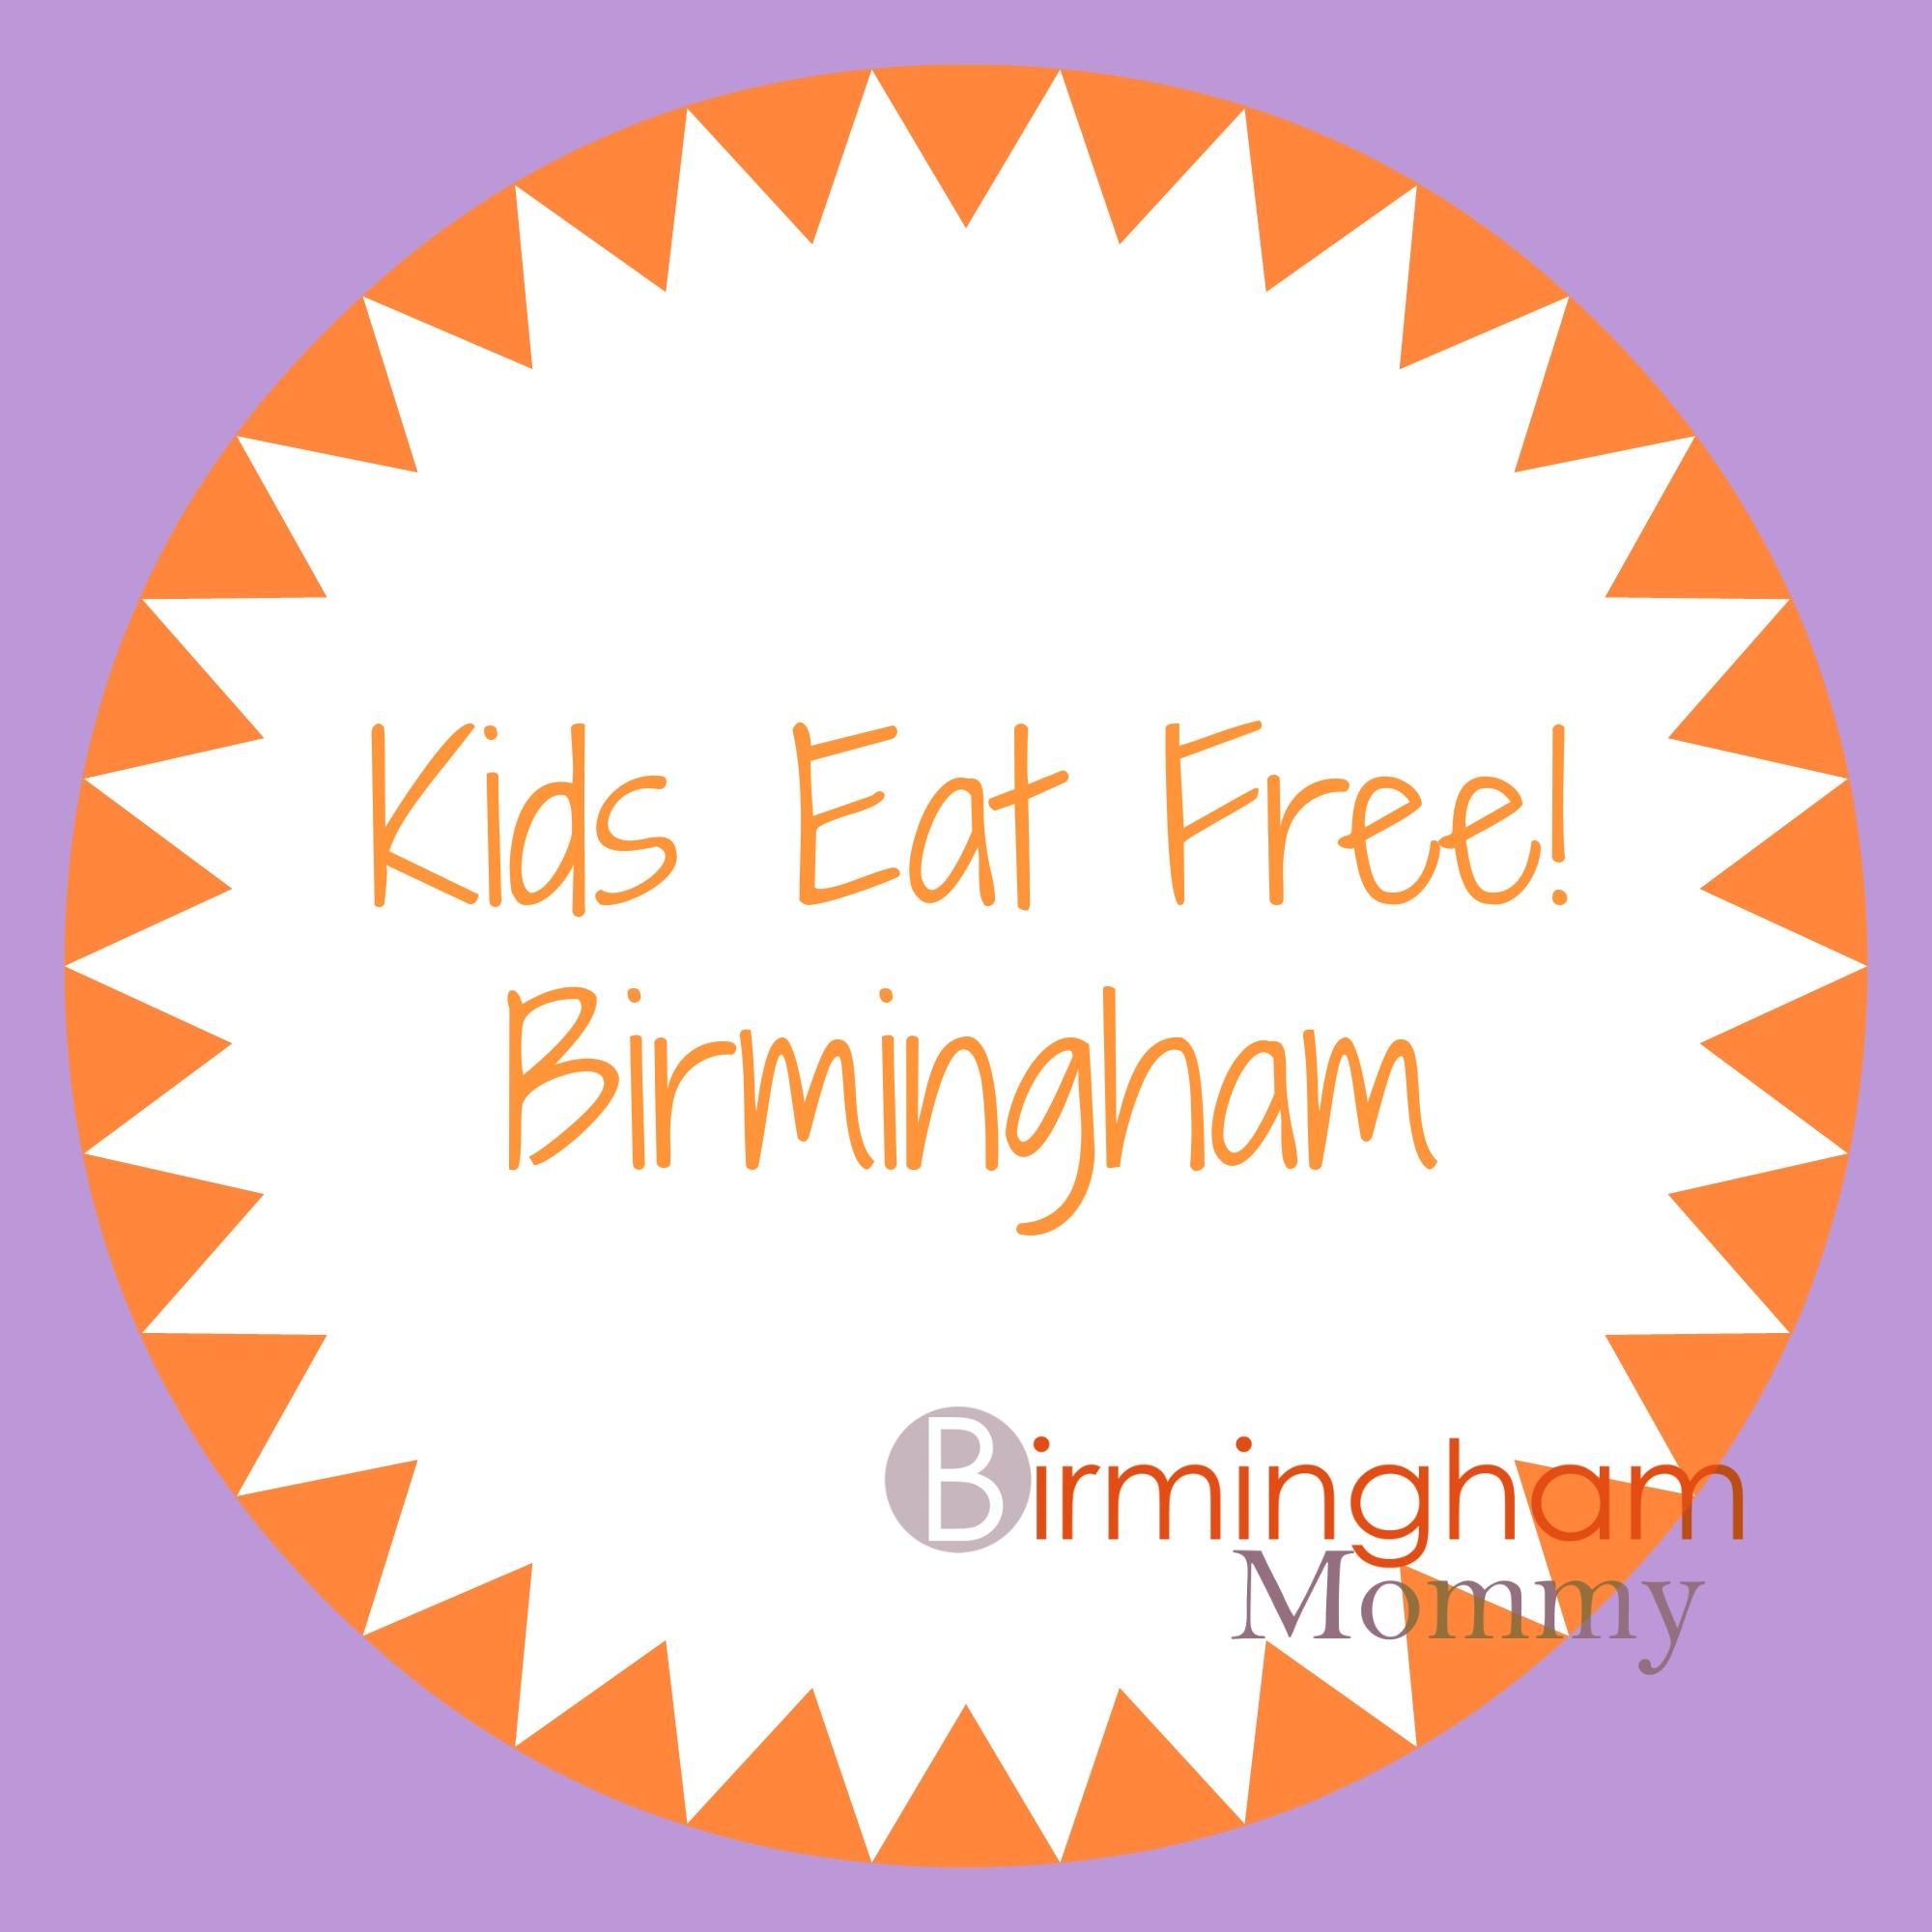 Kids Eat Free In Birmingham Birmingham Mommy